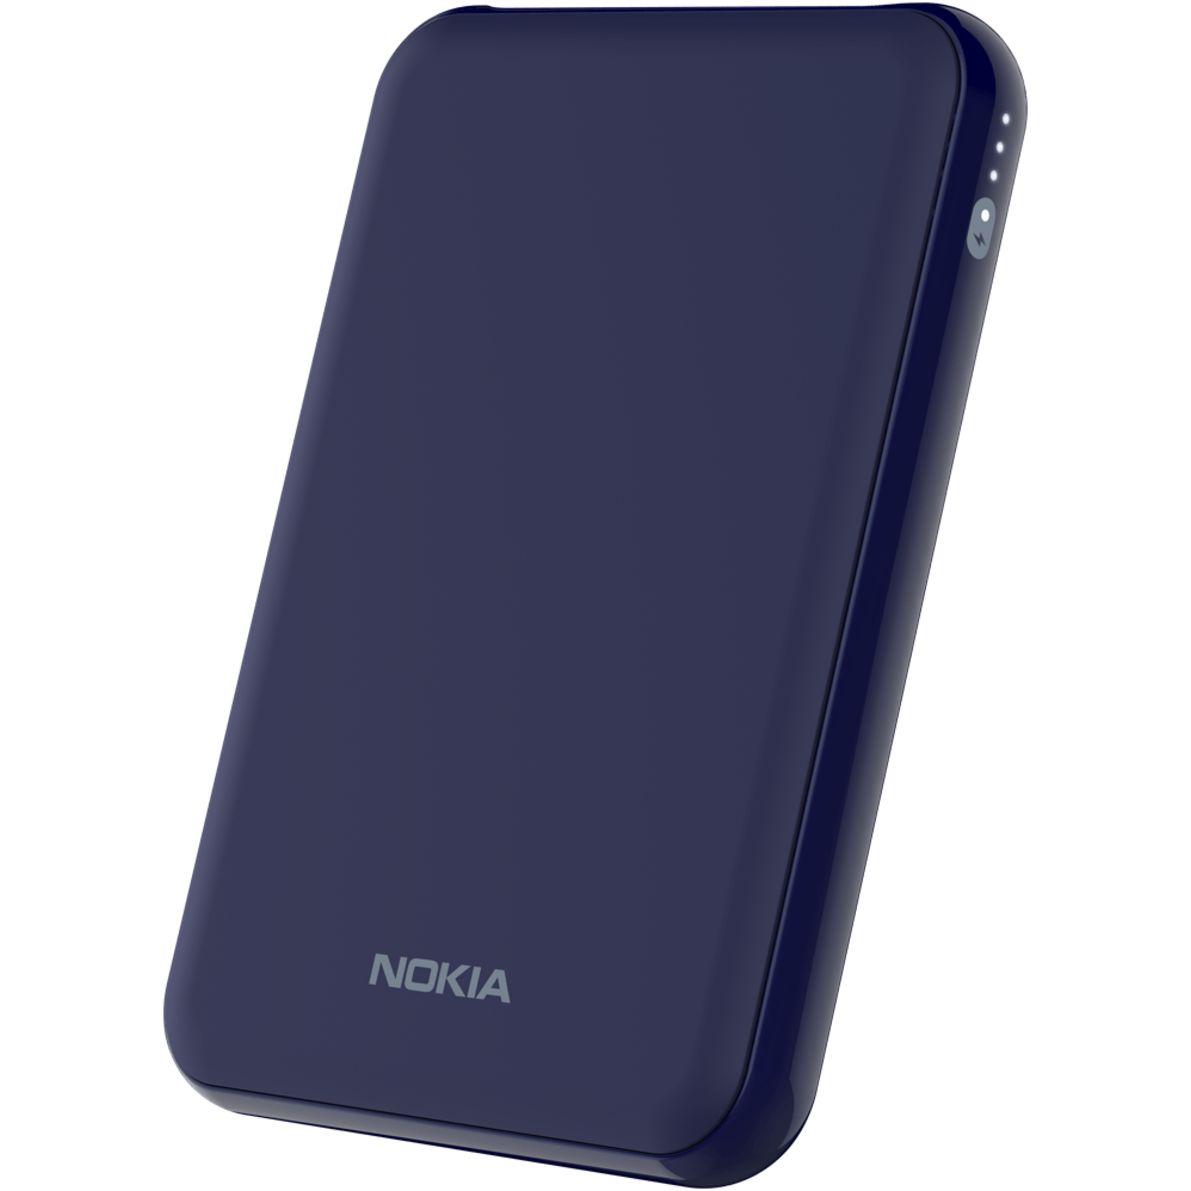 Cargador inalámbrico portátil Nokia